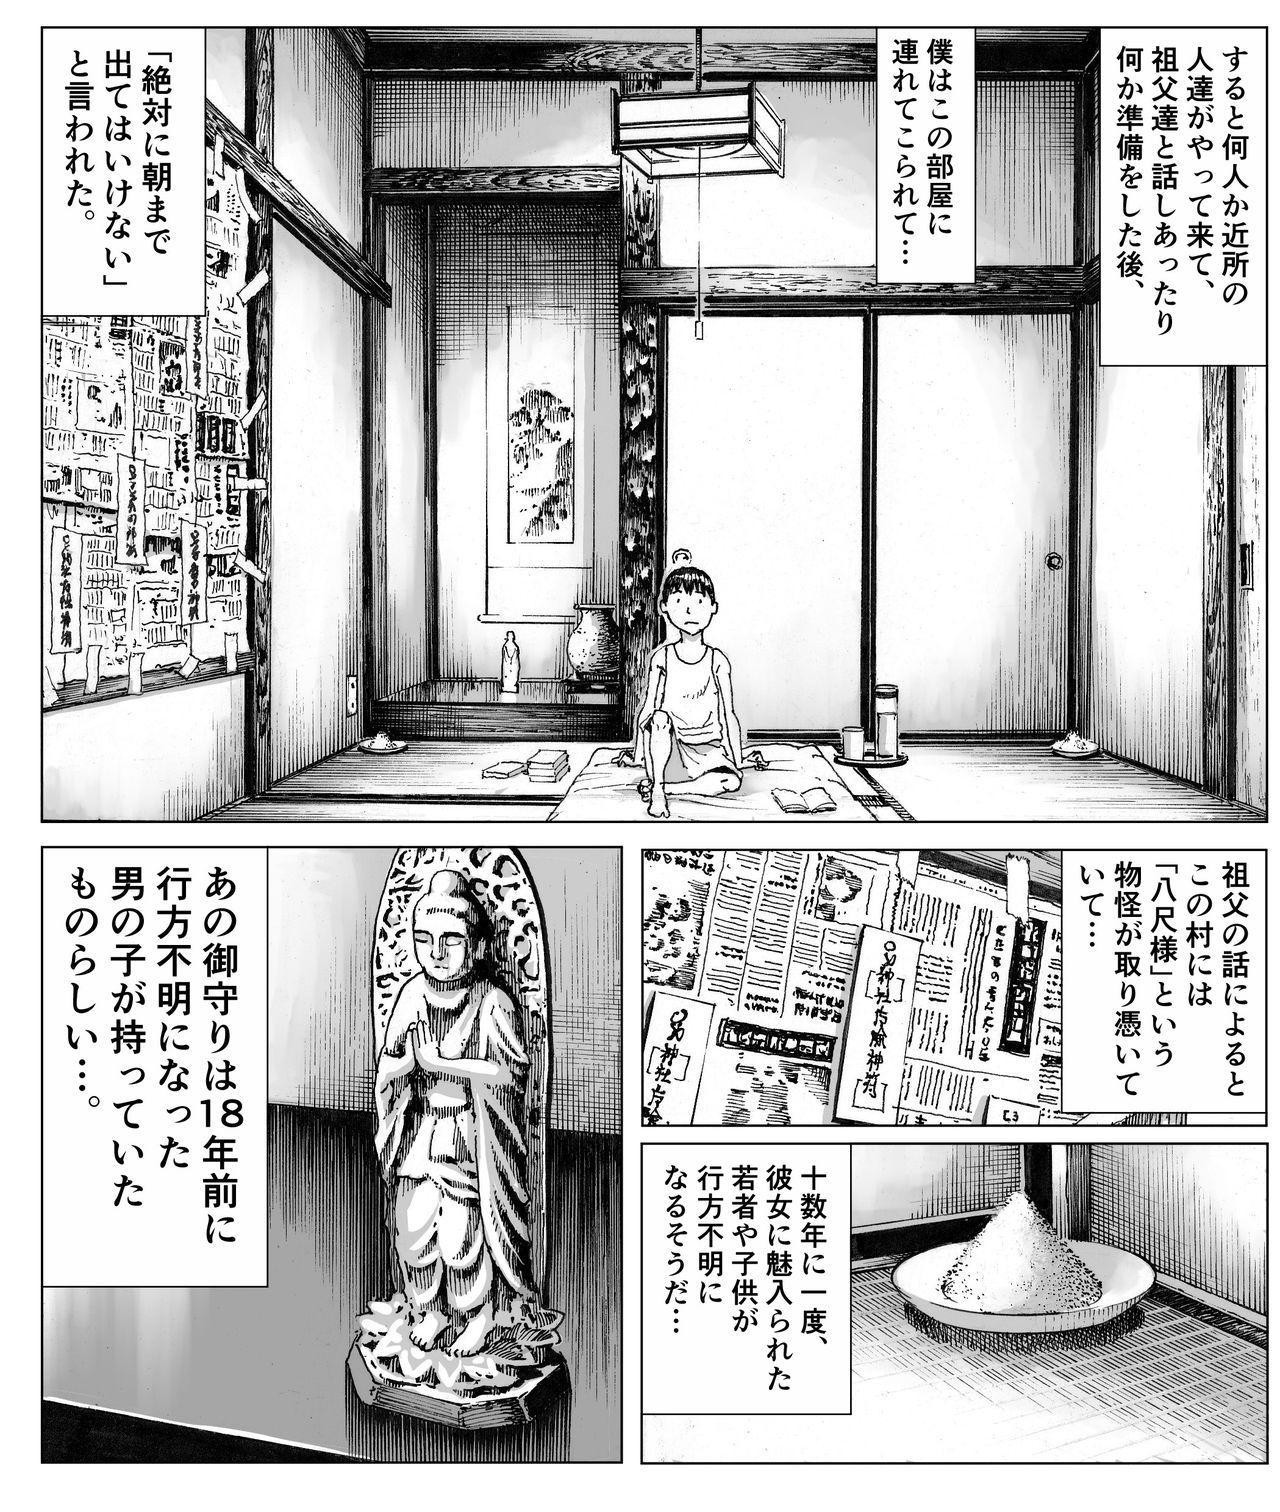 Ōse 24